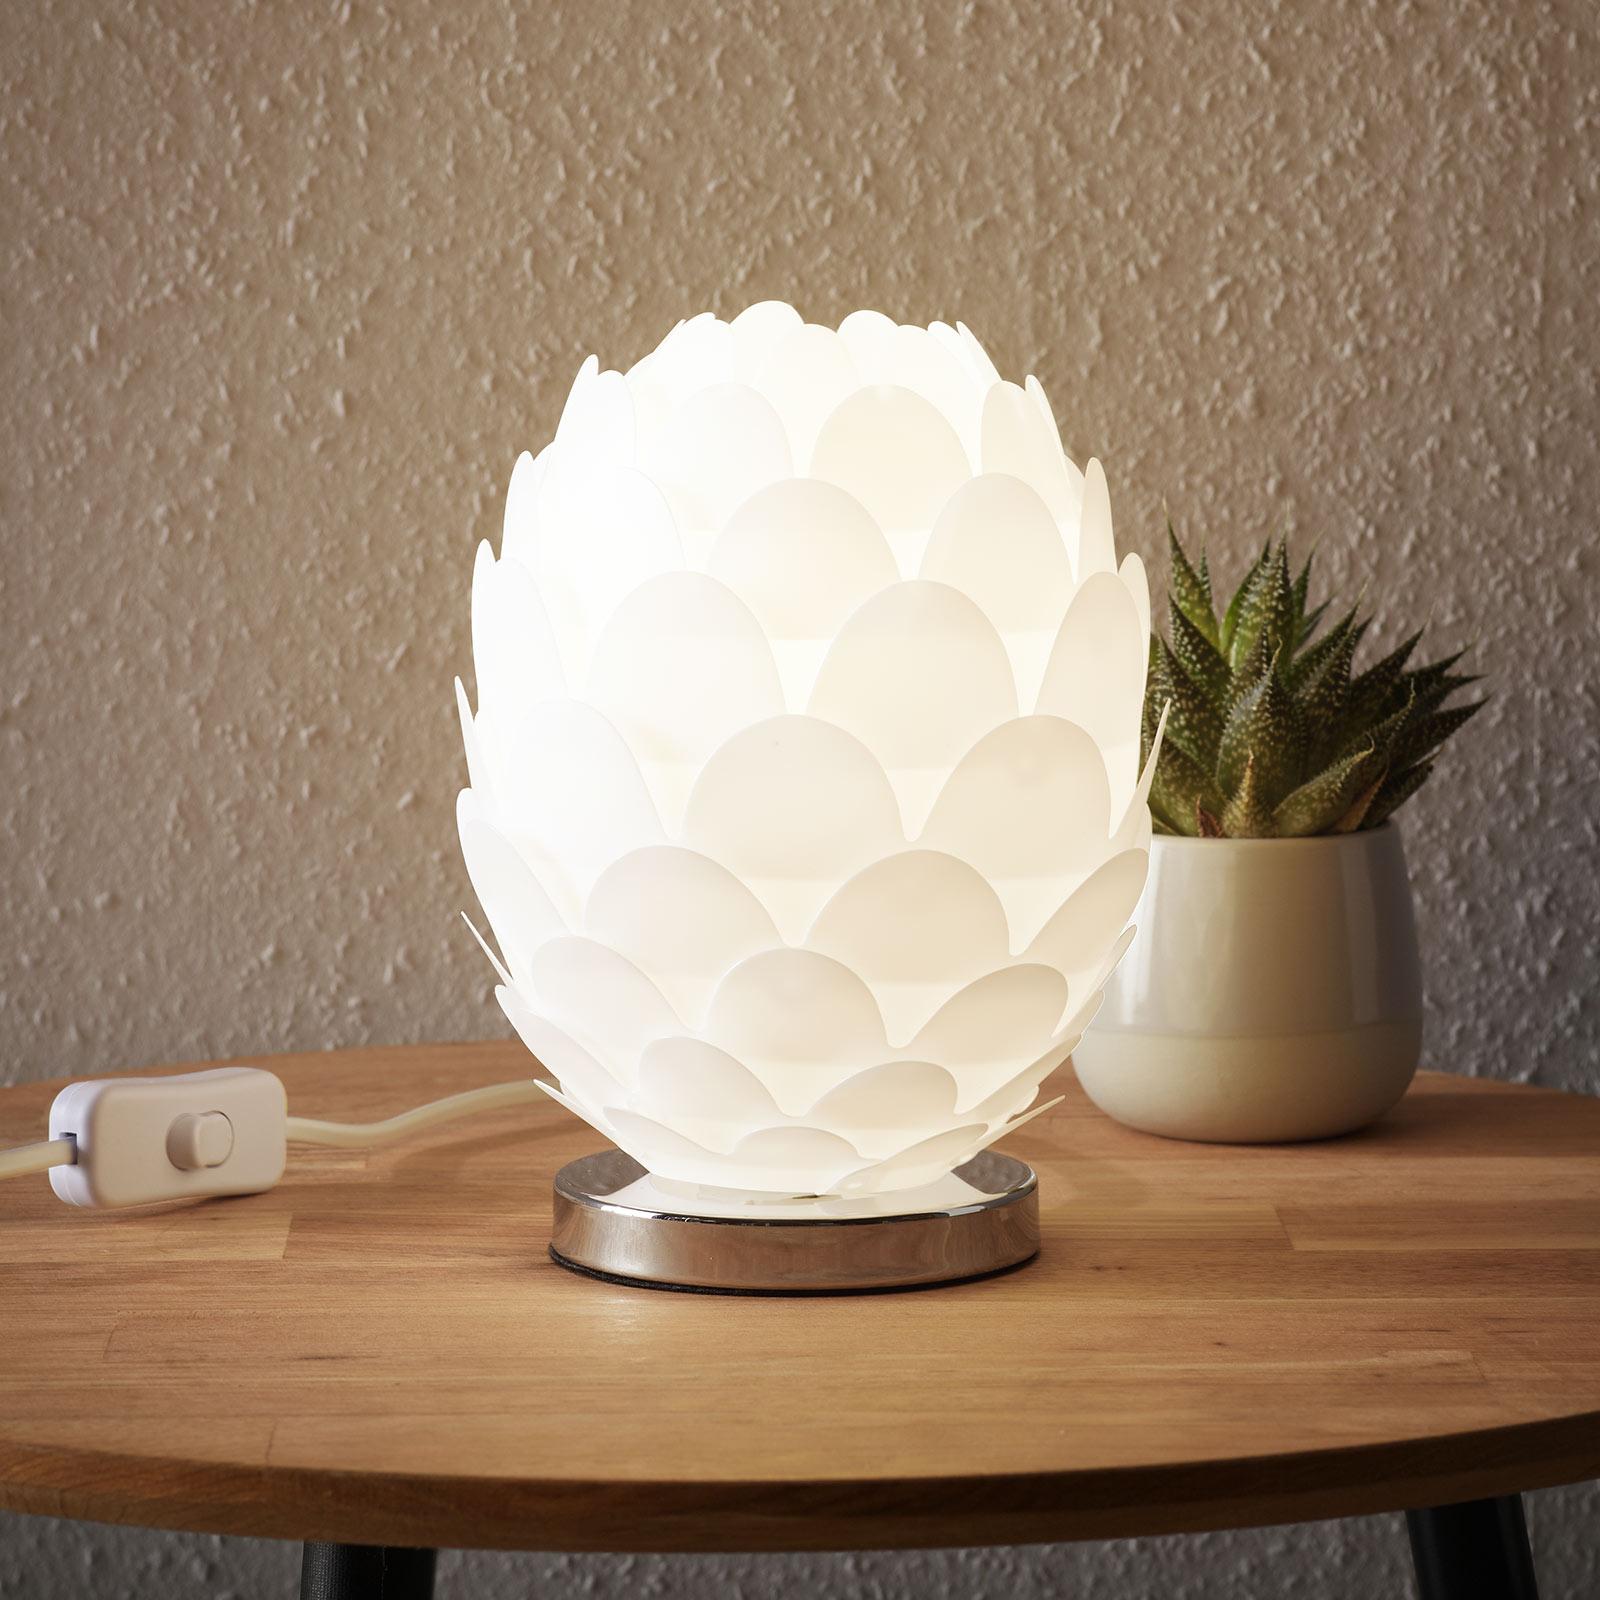 Stolná lampa Marees v bielej, Ø 15 cm_8032148_1